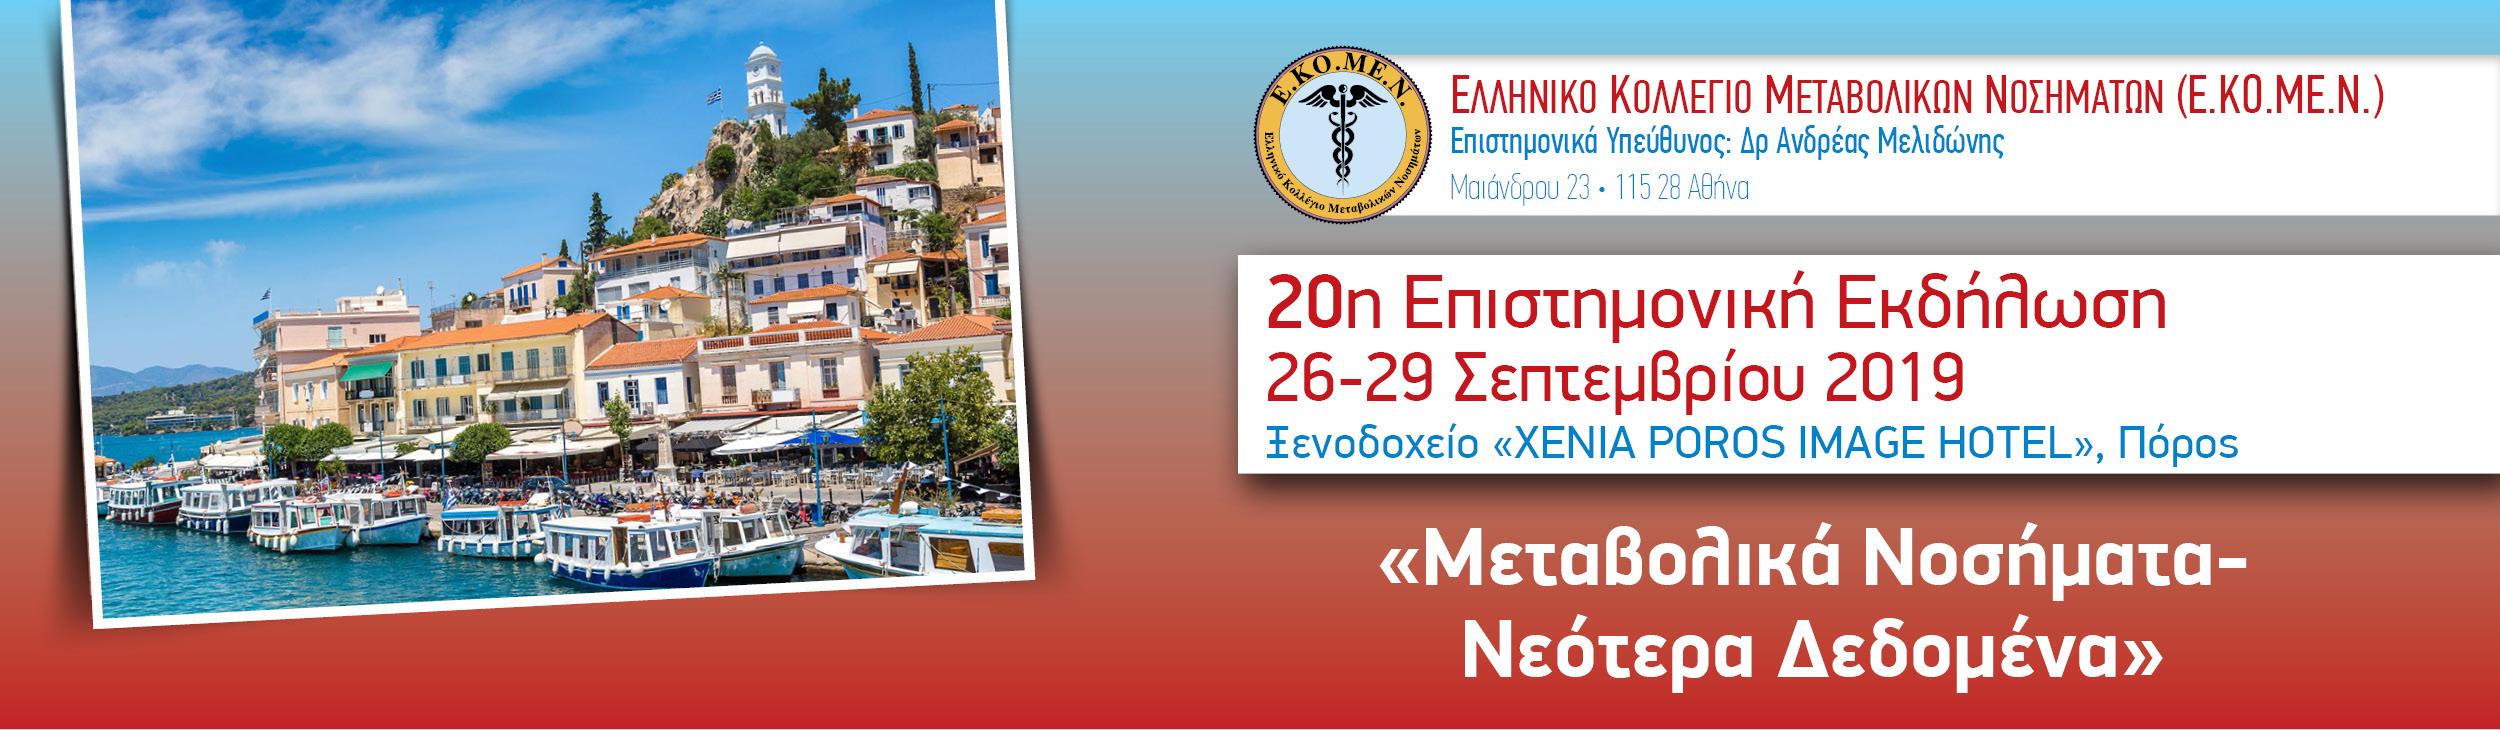 20η Επιστημονική Εκδήλωση ΕΚΟΜΕΝ (Πόρος)